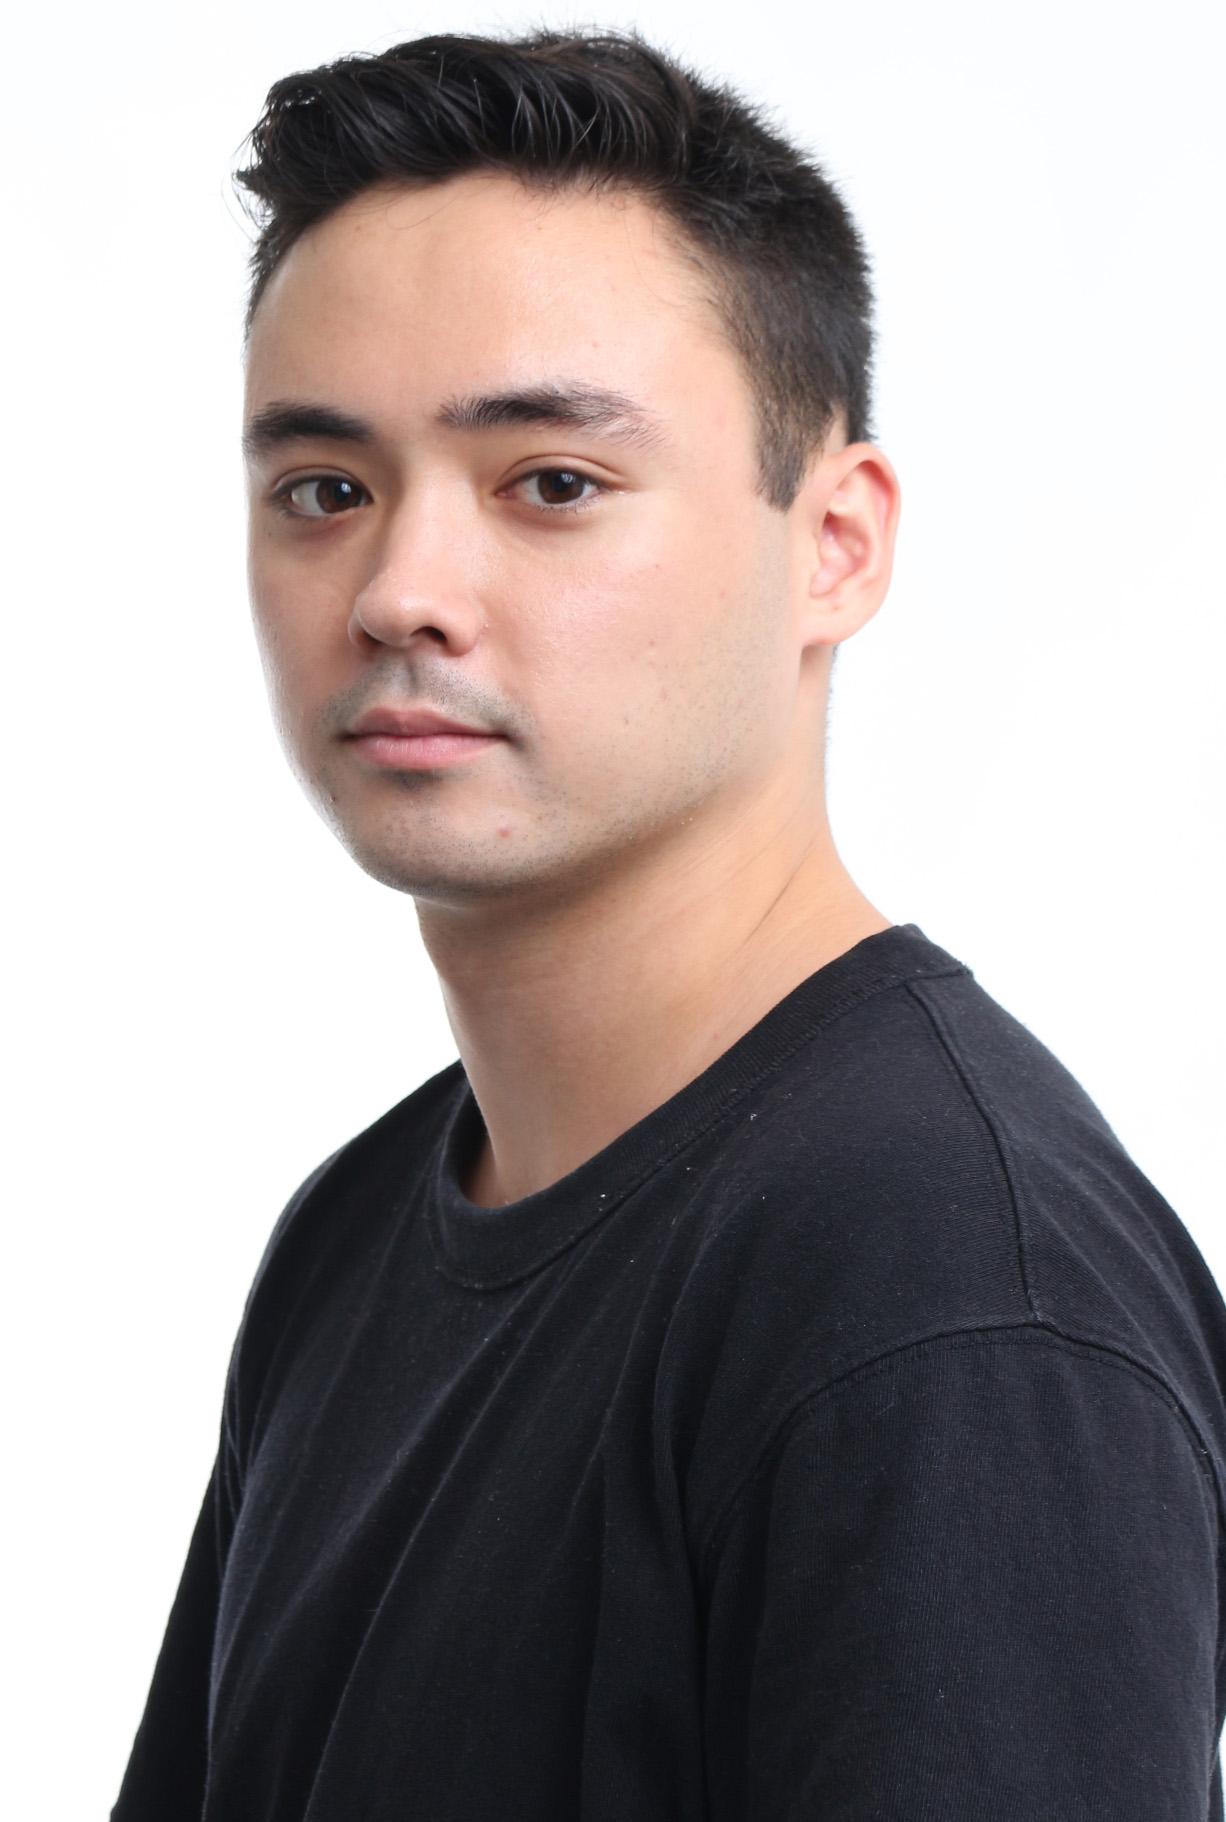 外国人モデル/外国人俳優 トム・Hの写真6